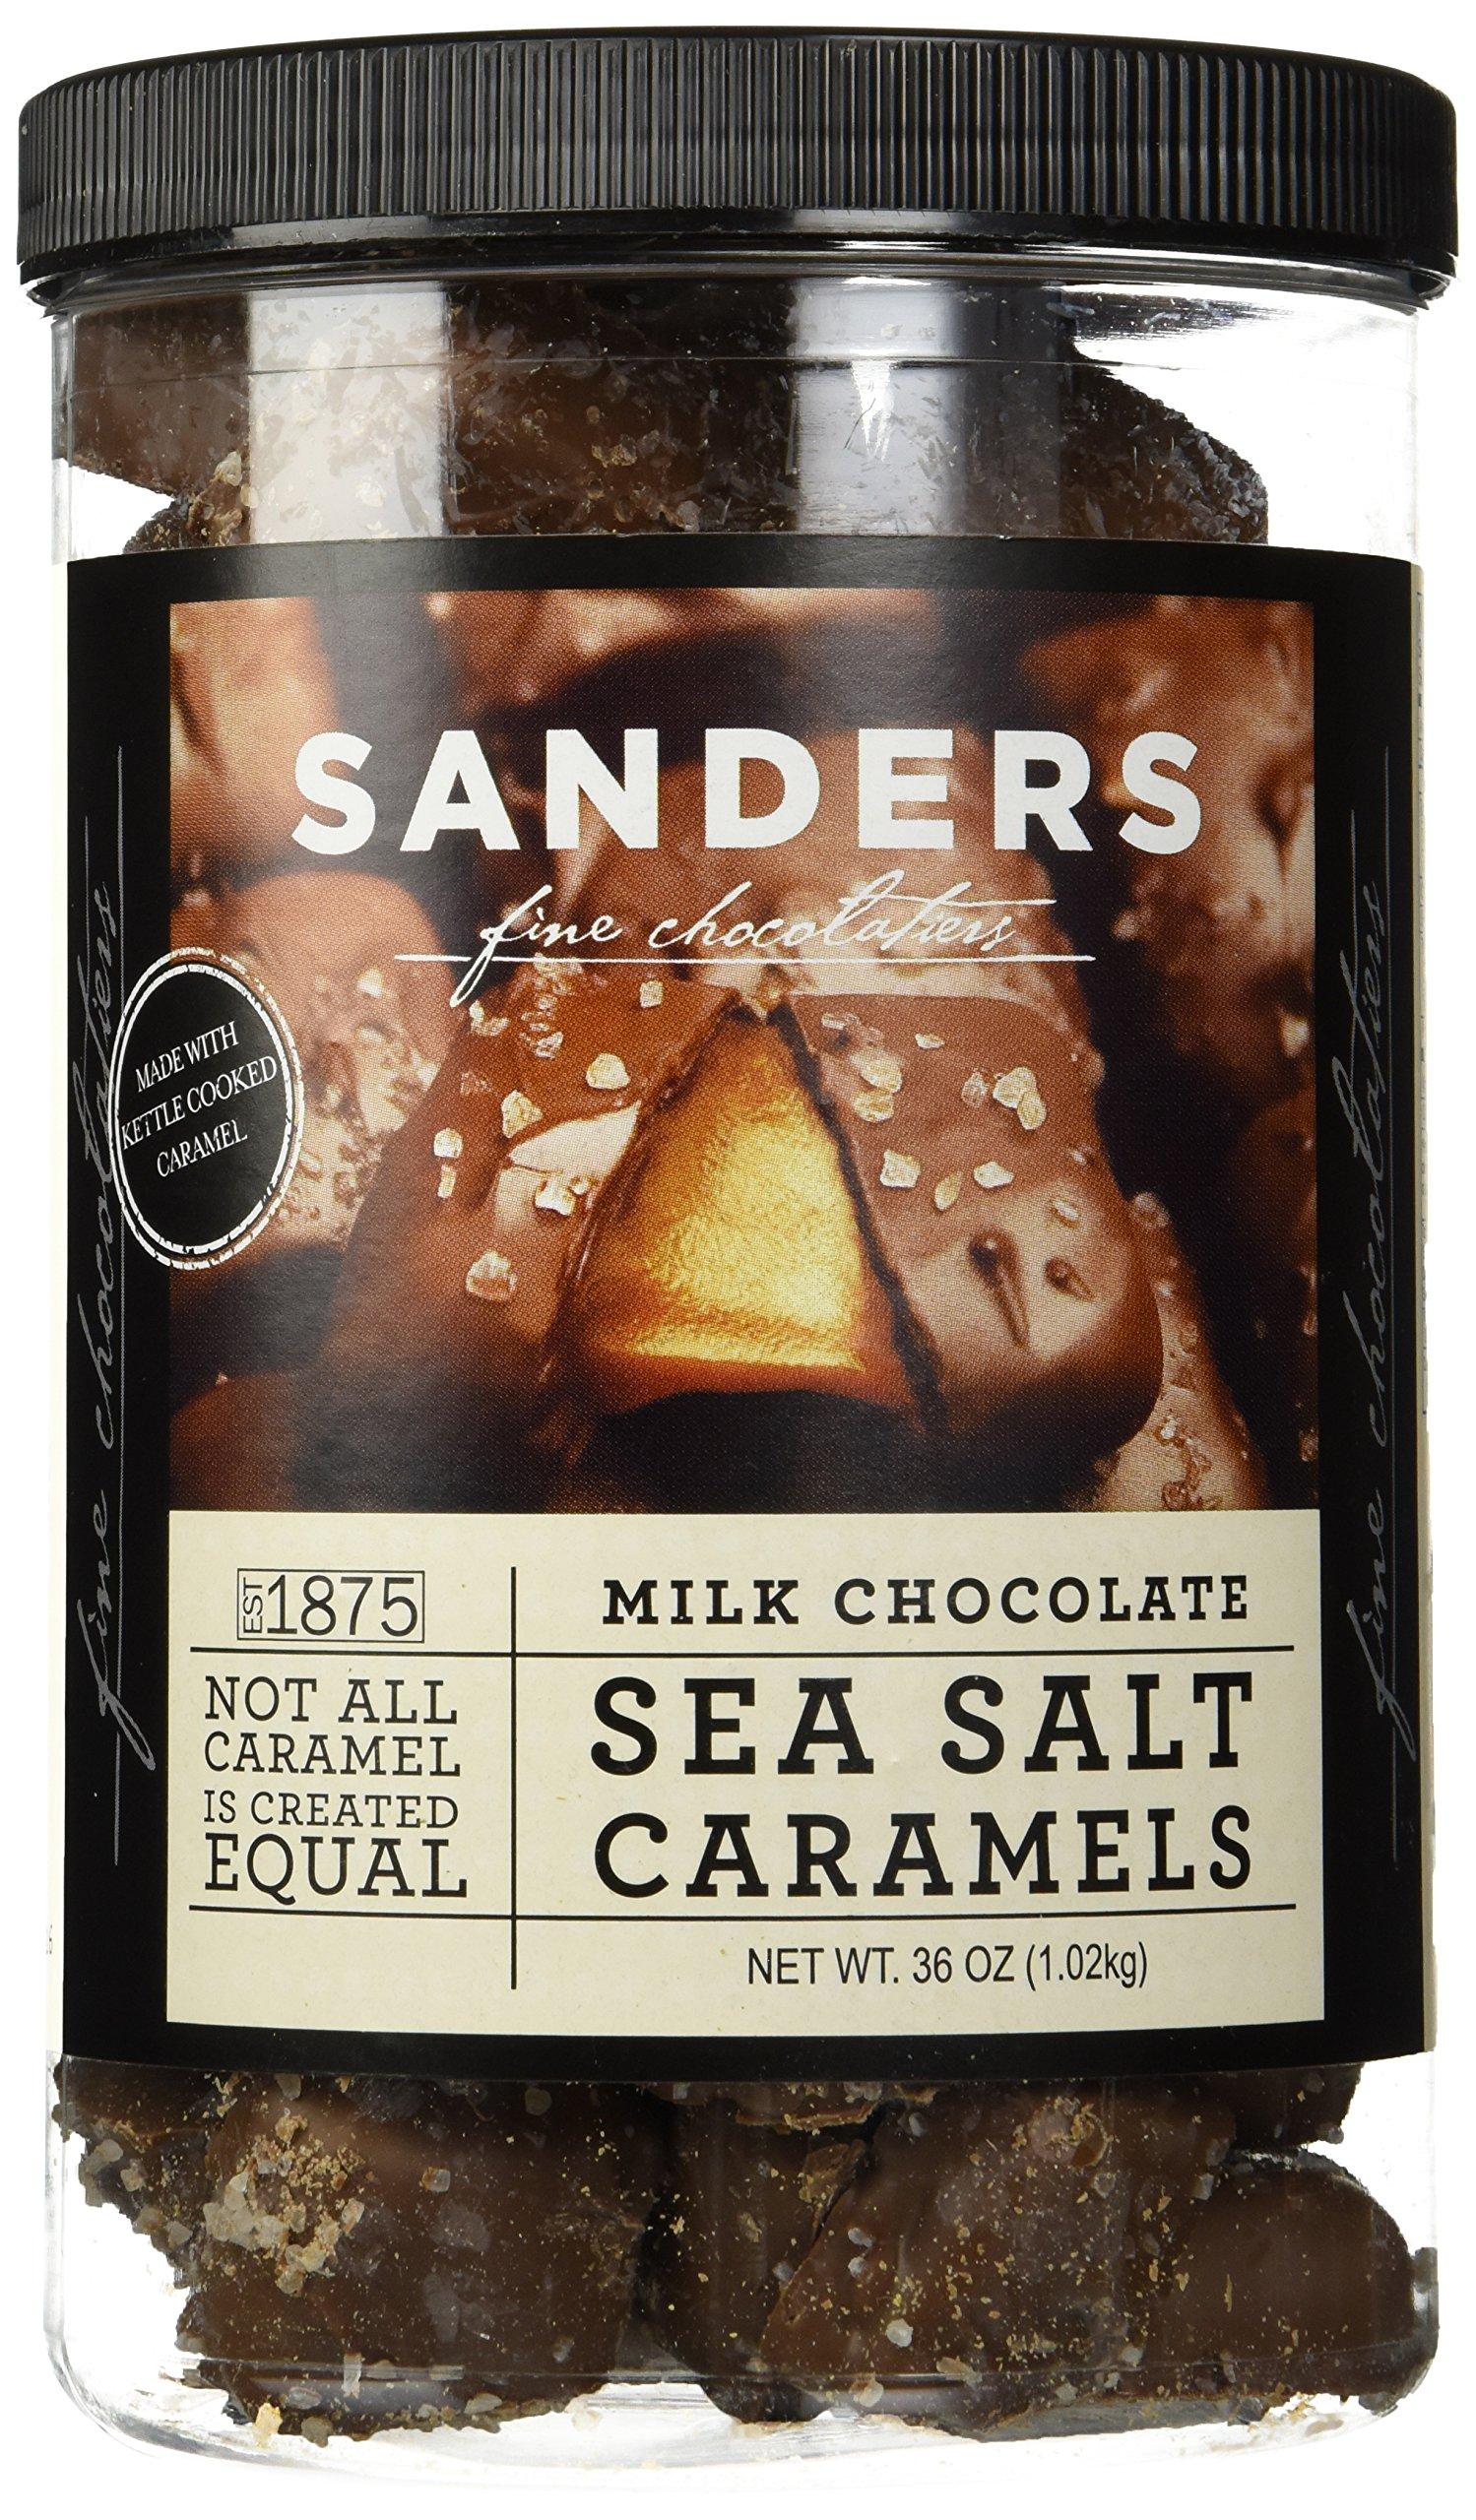 Sanders Milk Chocolate Sea Salt Caramels - 36 Oz. (2.25 lb) by Sanders® (Image #1)